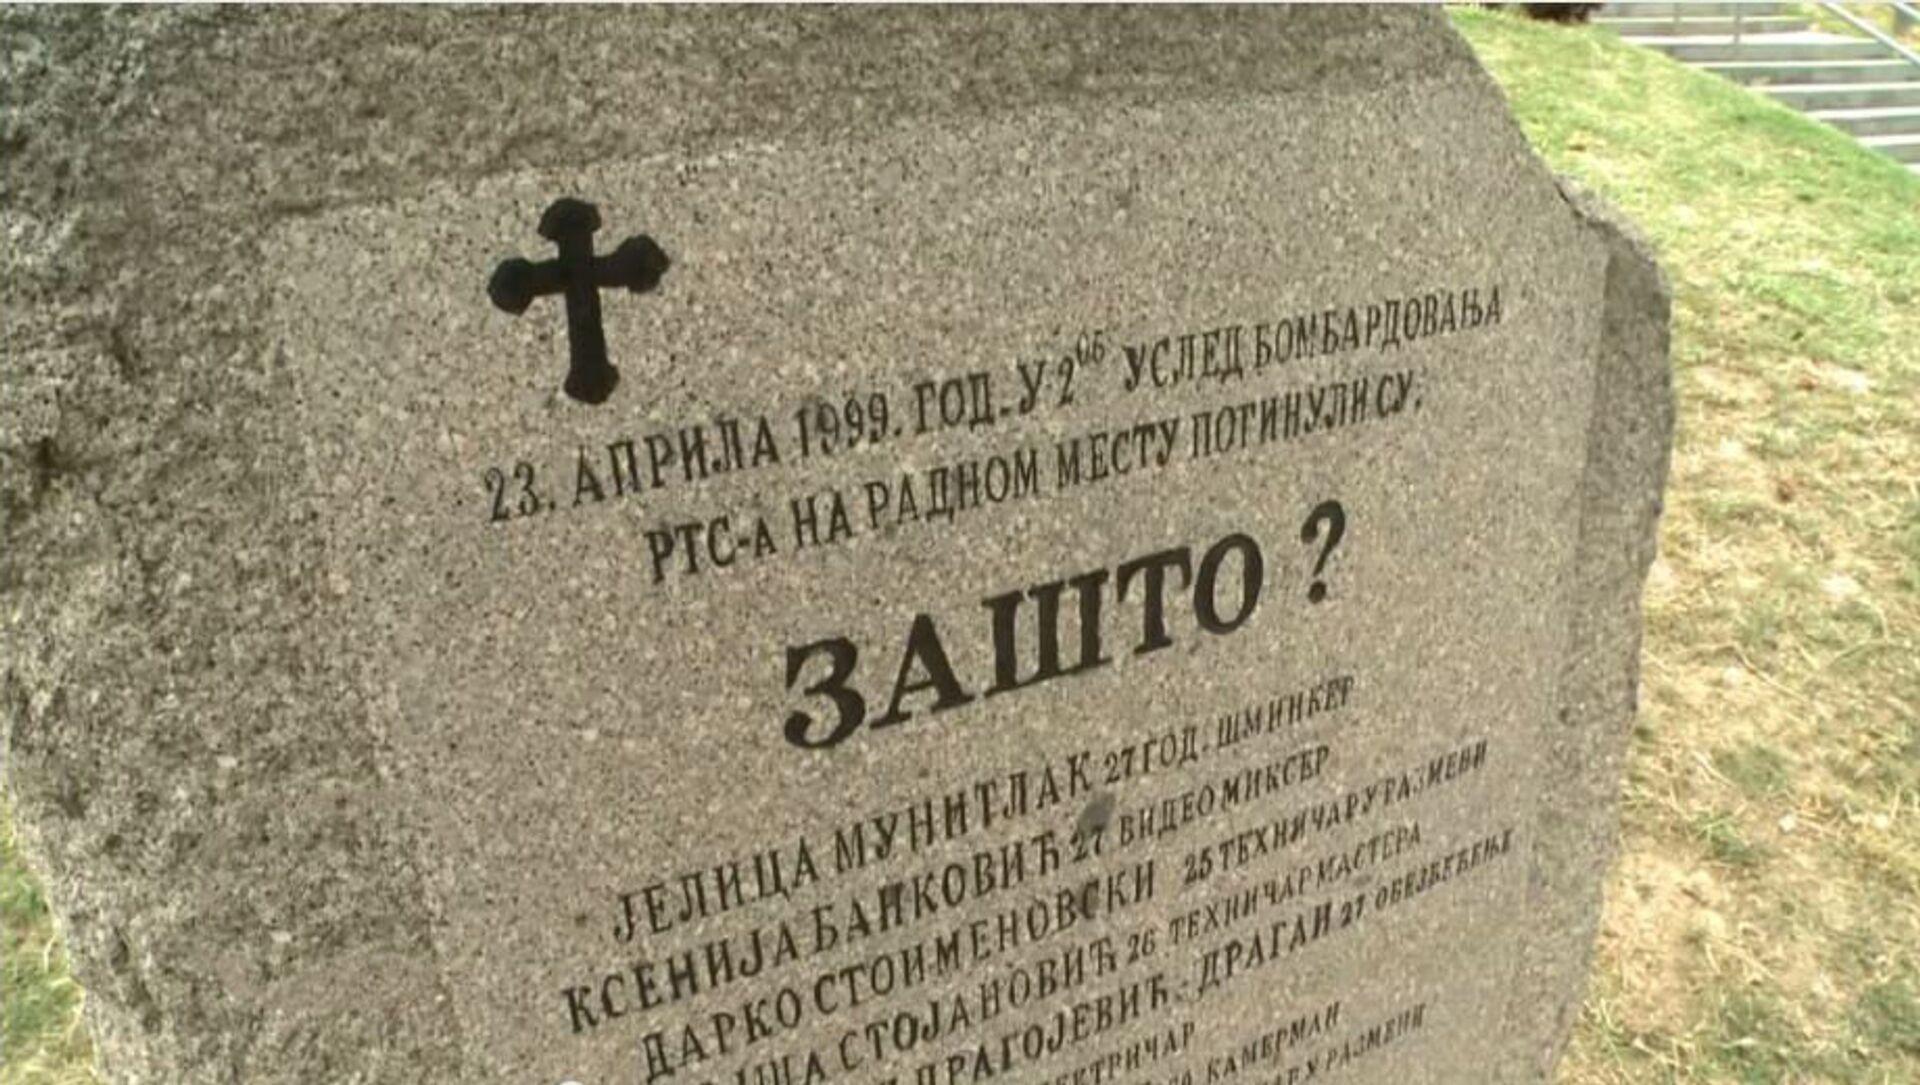 Споменик настрадалима у бомбардовању РТС-а - Sputnik Србија, 1920, 20.03.2021